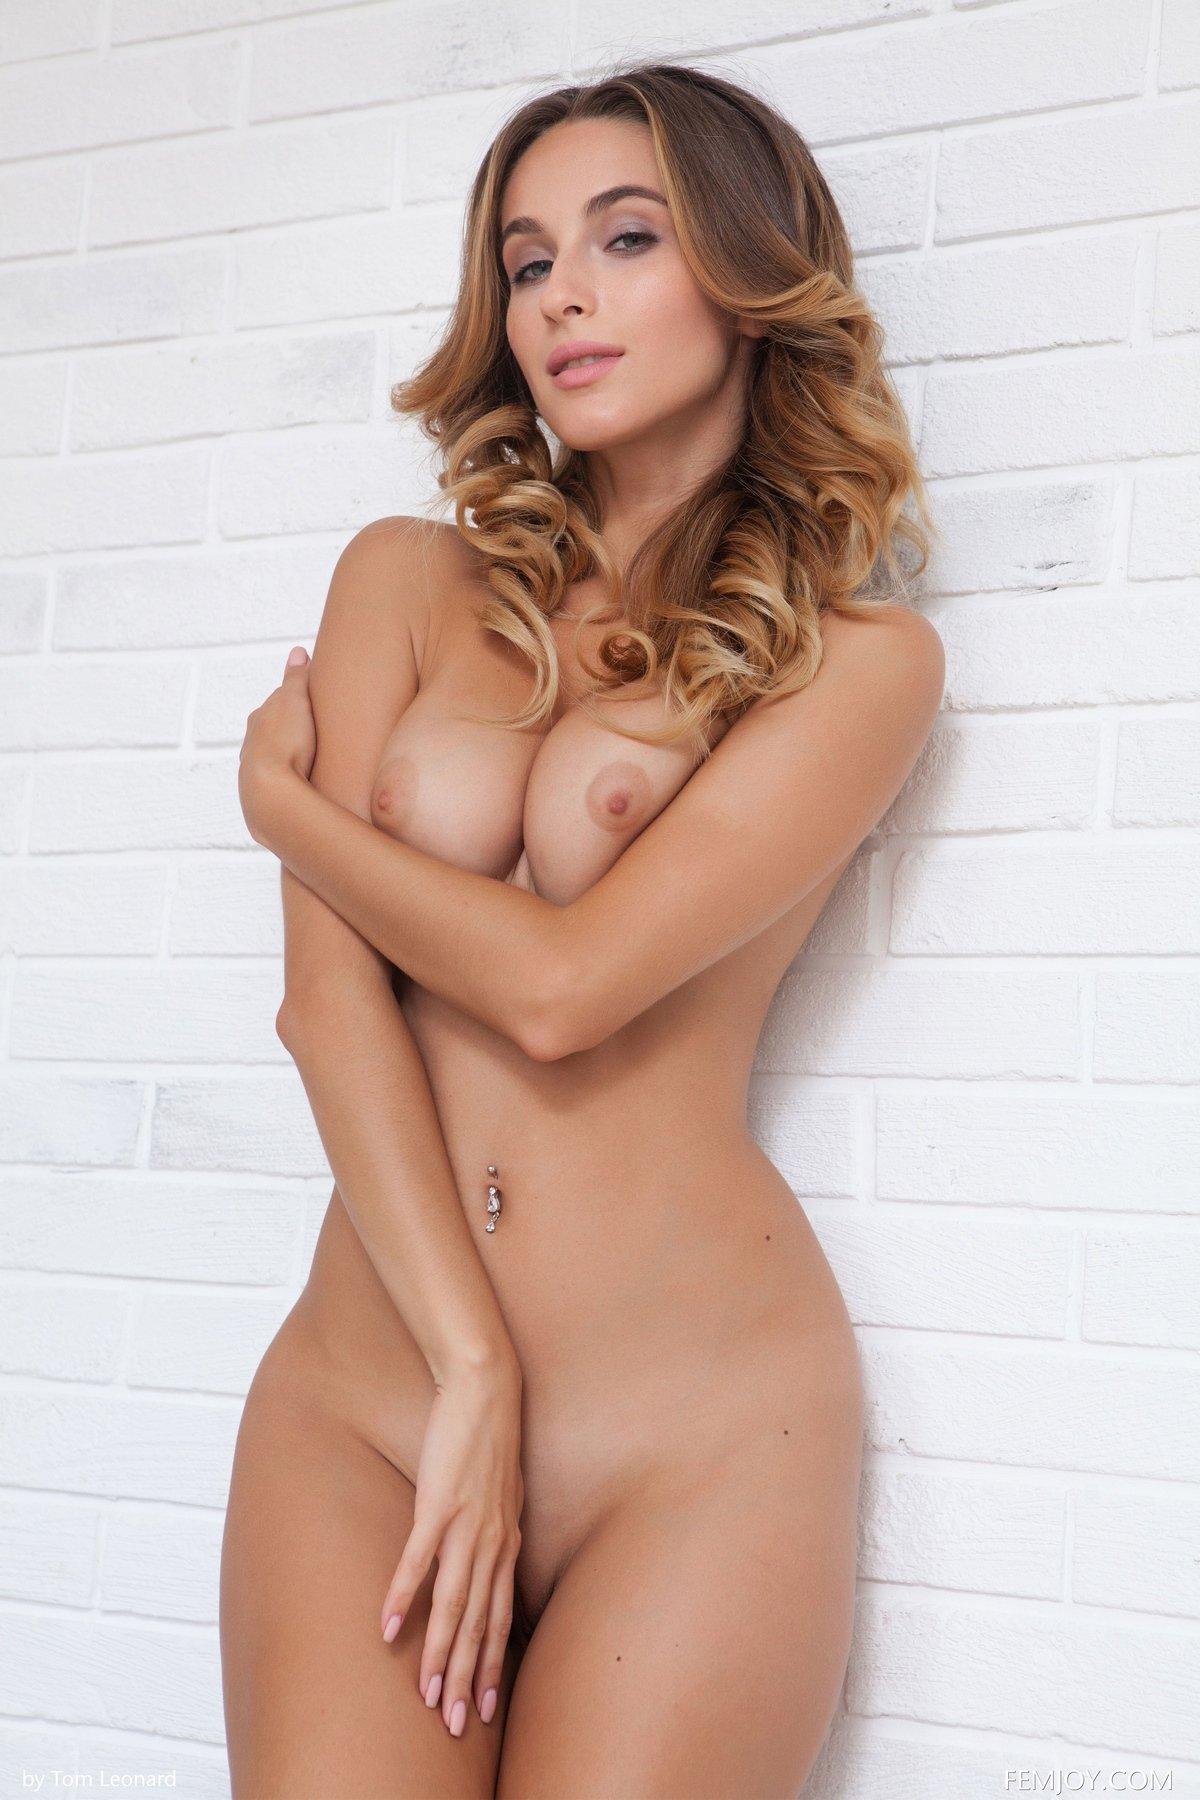 Симпатичная обнаженная дама на маленьком столике секс фото